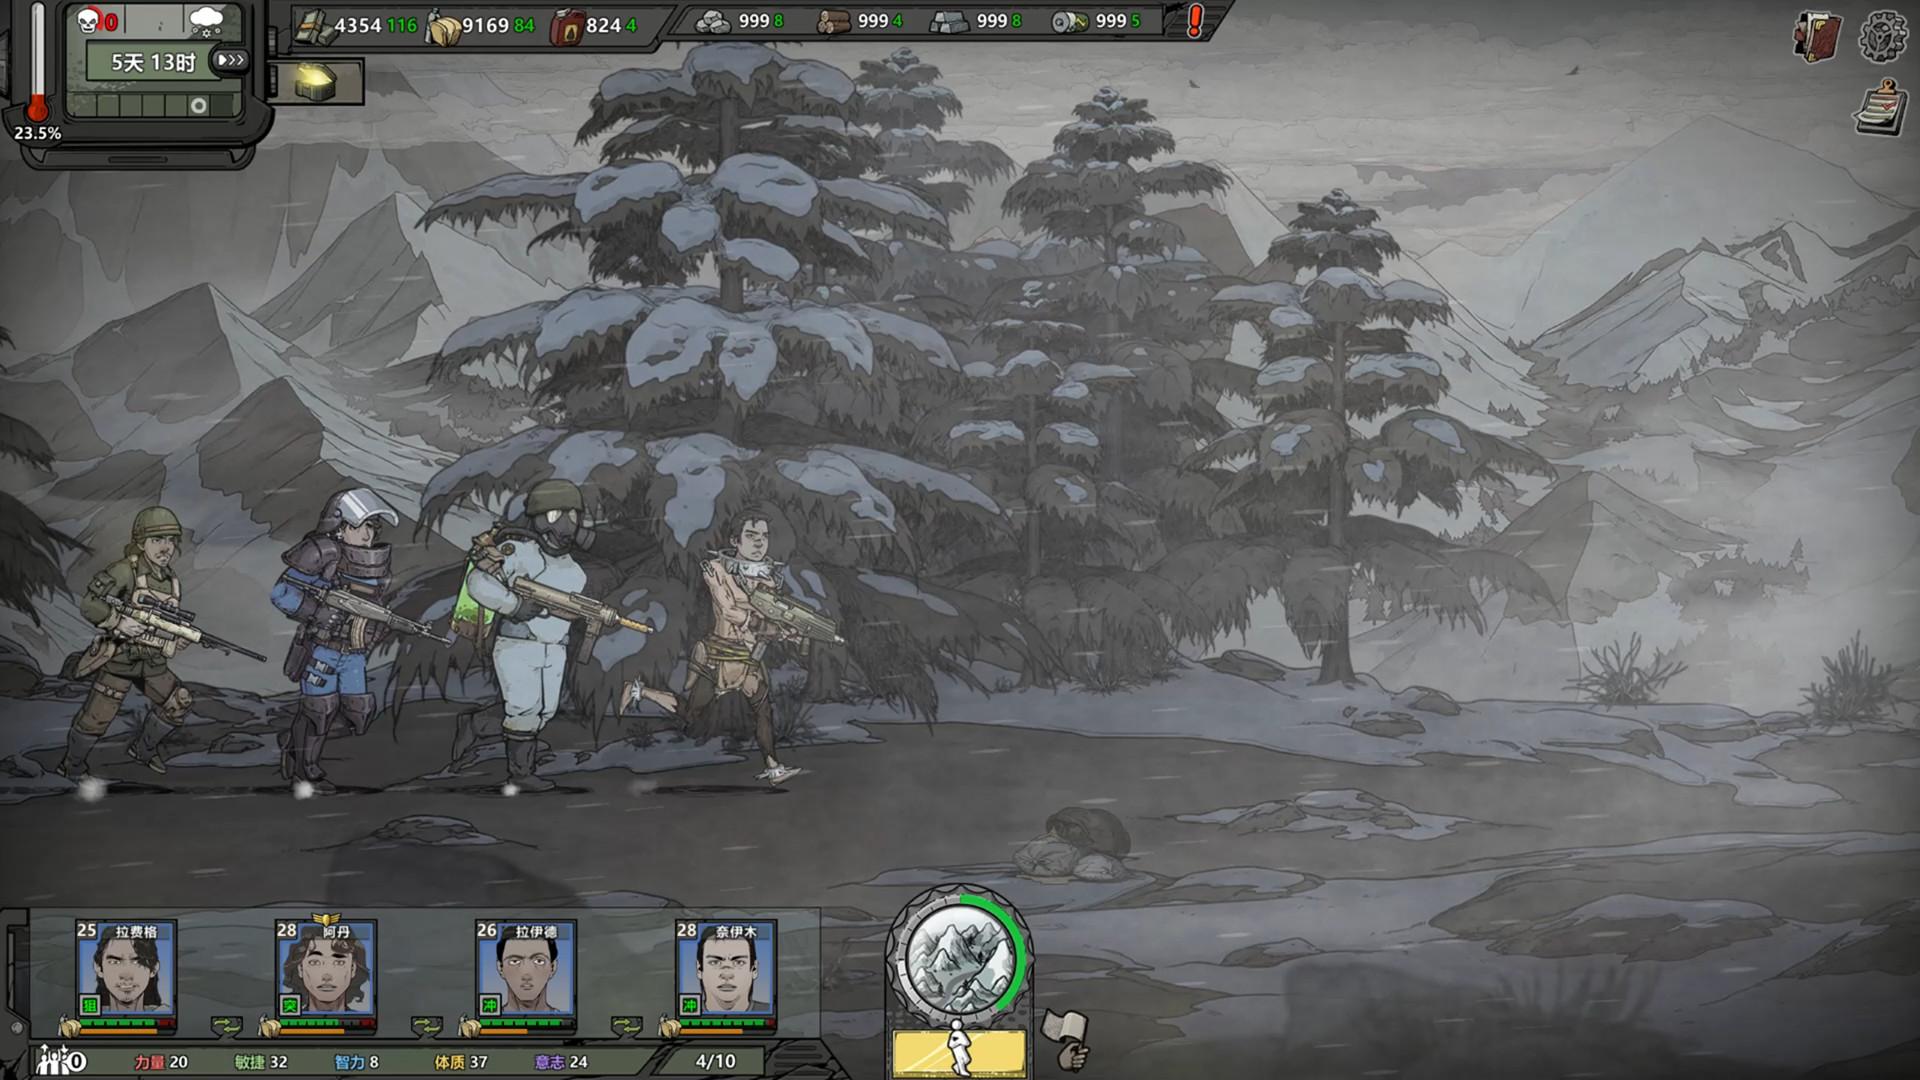 国产roguelike游戏《归家异途2》试玩版上架steam